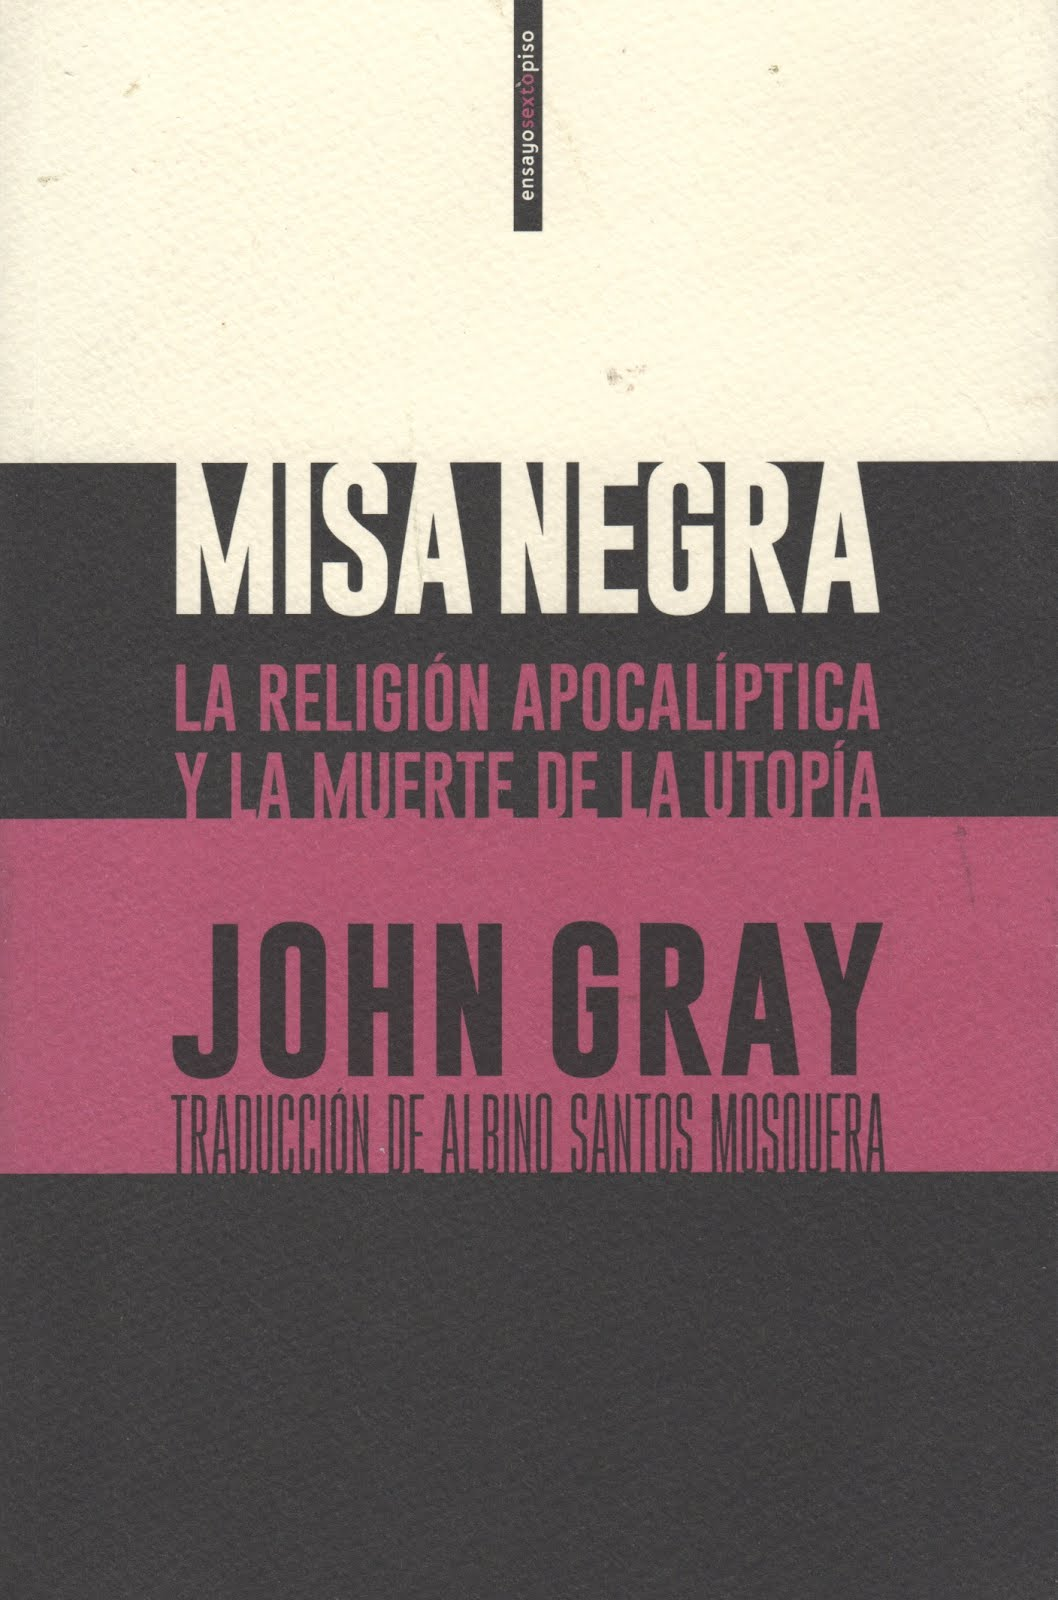 John Gray (Misa negra) La religión apocalíptica y la muerte de la utopía